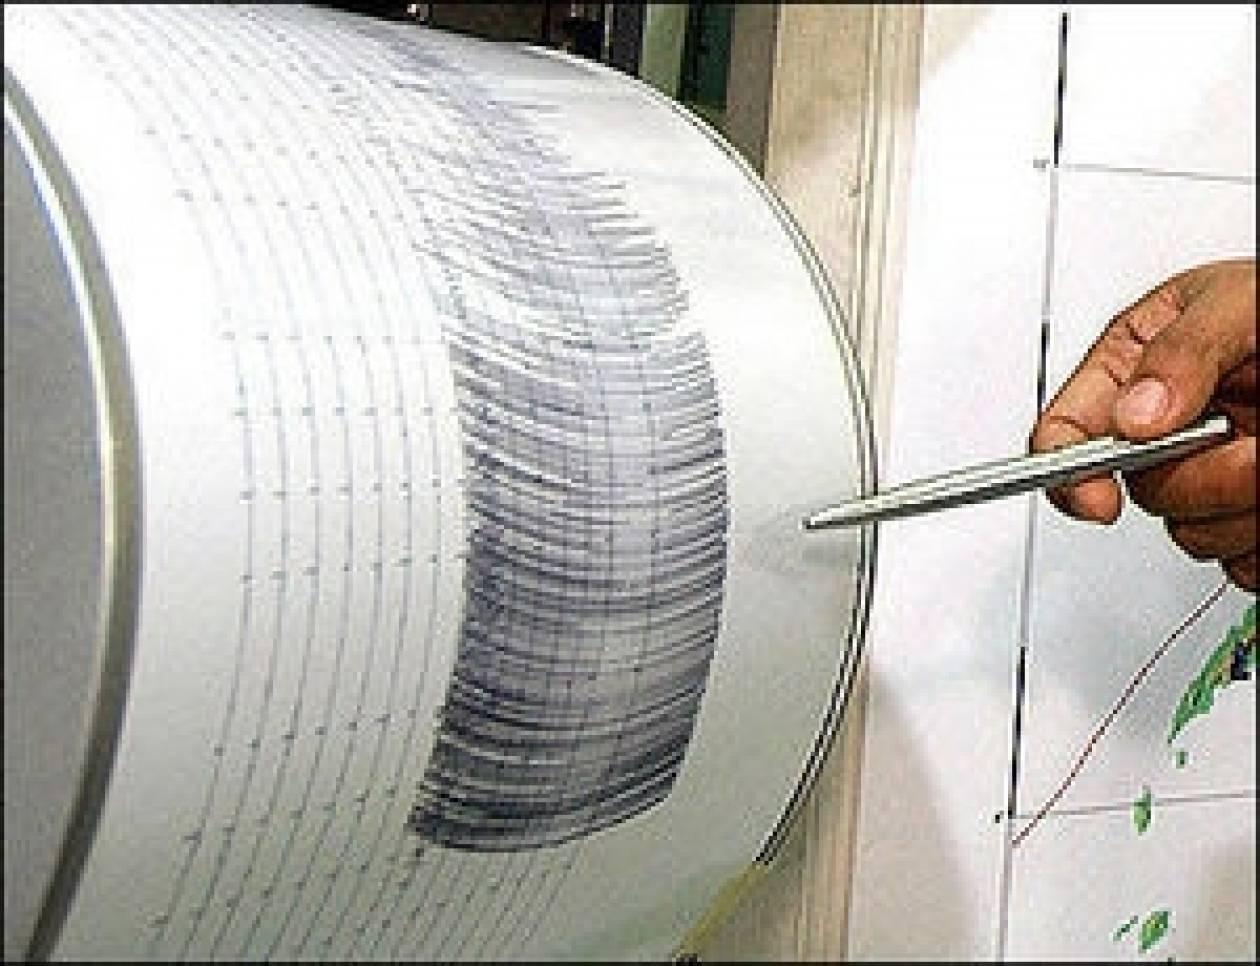 Χιλή: Ισχυρός σεισμός 6.7 Ρίχτερ